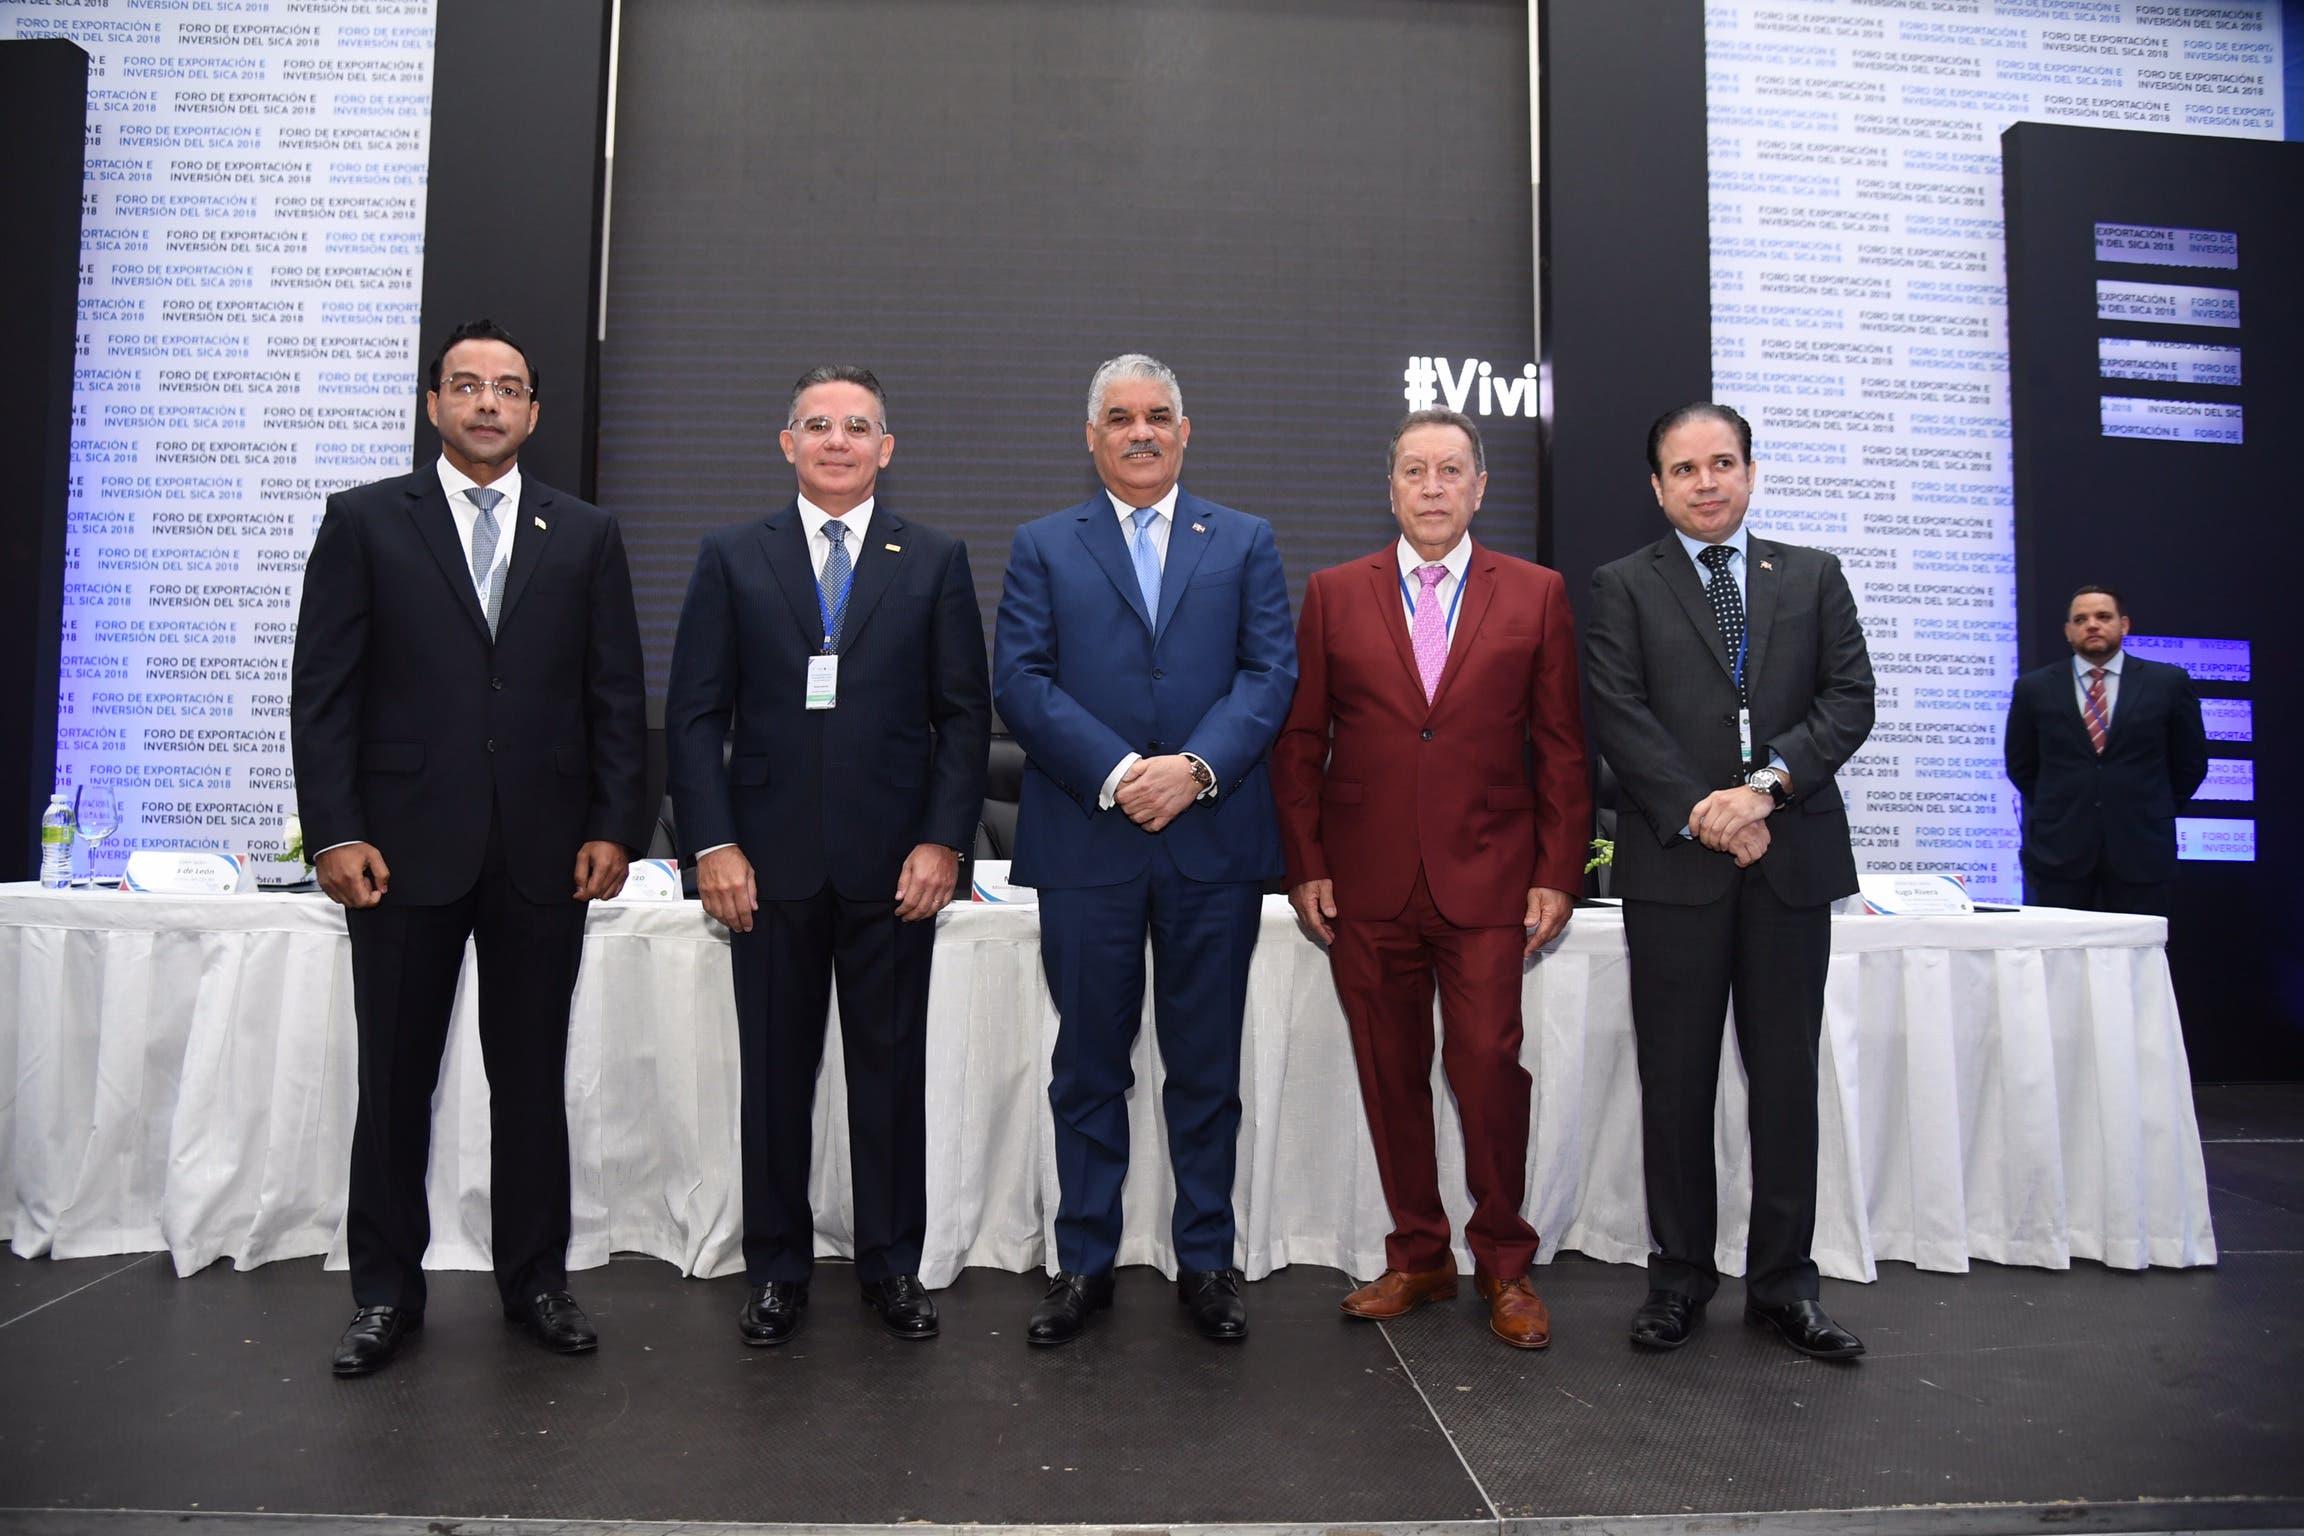 Miguel Vargas preside apertura Foro de Exportación e Inversión SICA con la participación de más 400 empresarios